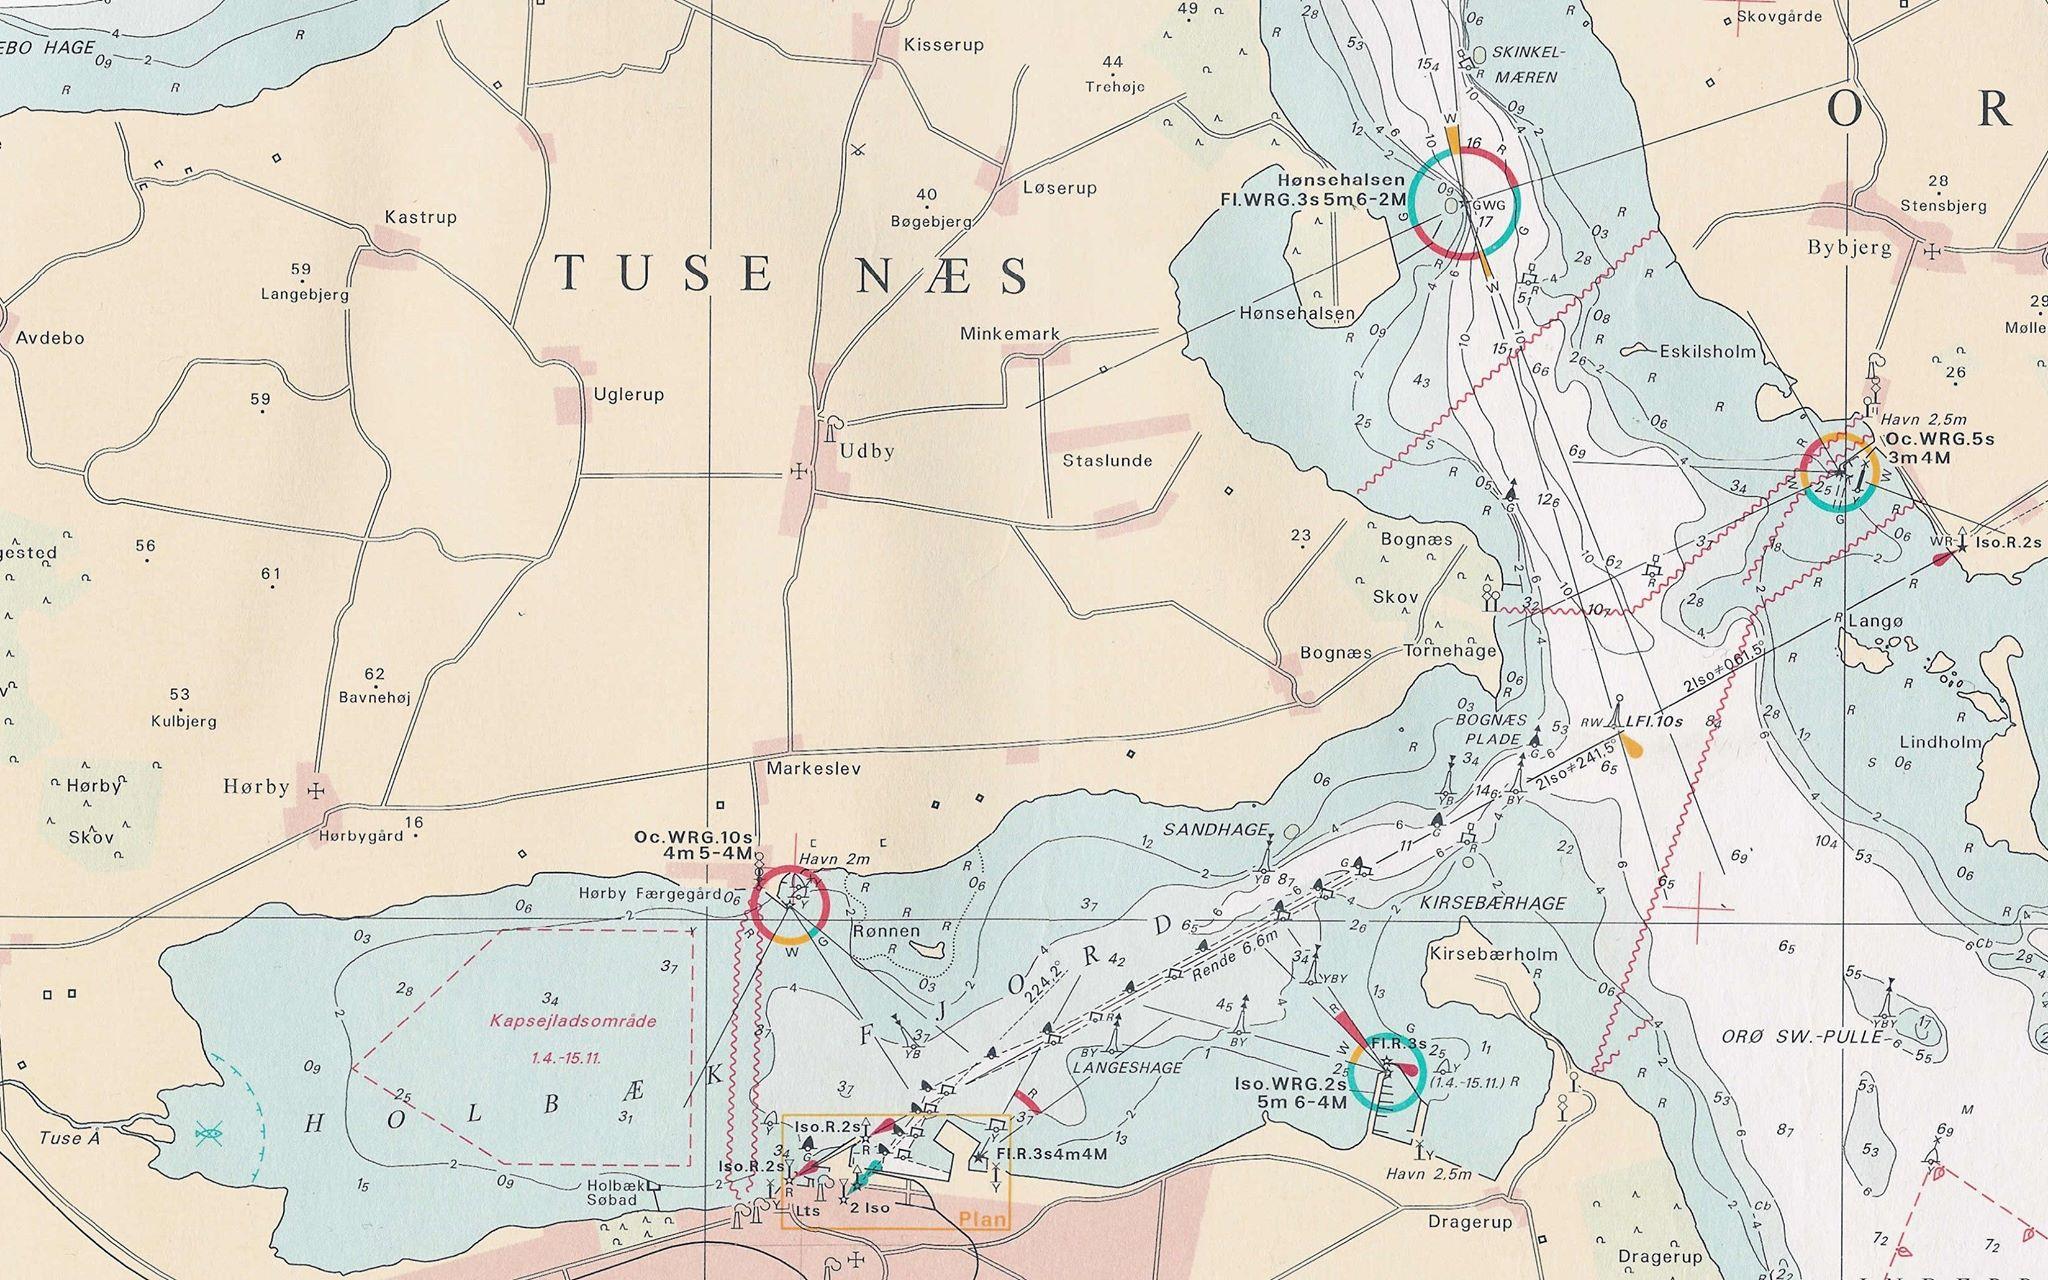 Bjarke M. Christensen har detaljeret gennemgået 36 forskellige søkort som sejlerne bruger. Både papirsøkort og elektroniske søkort.